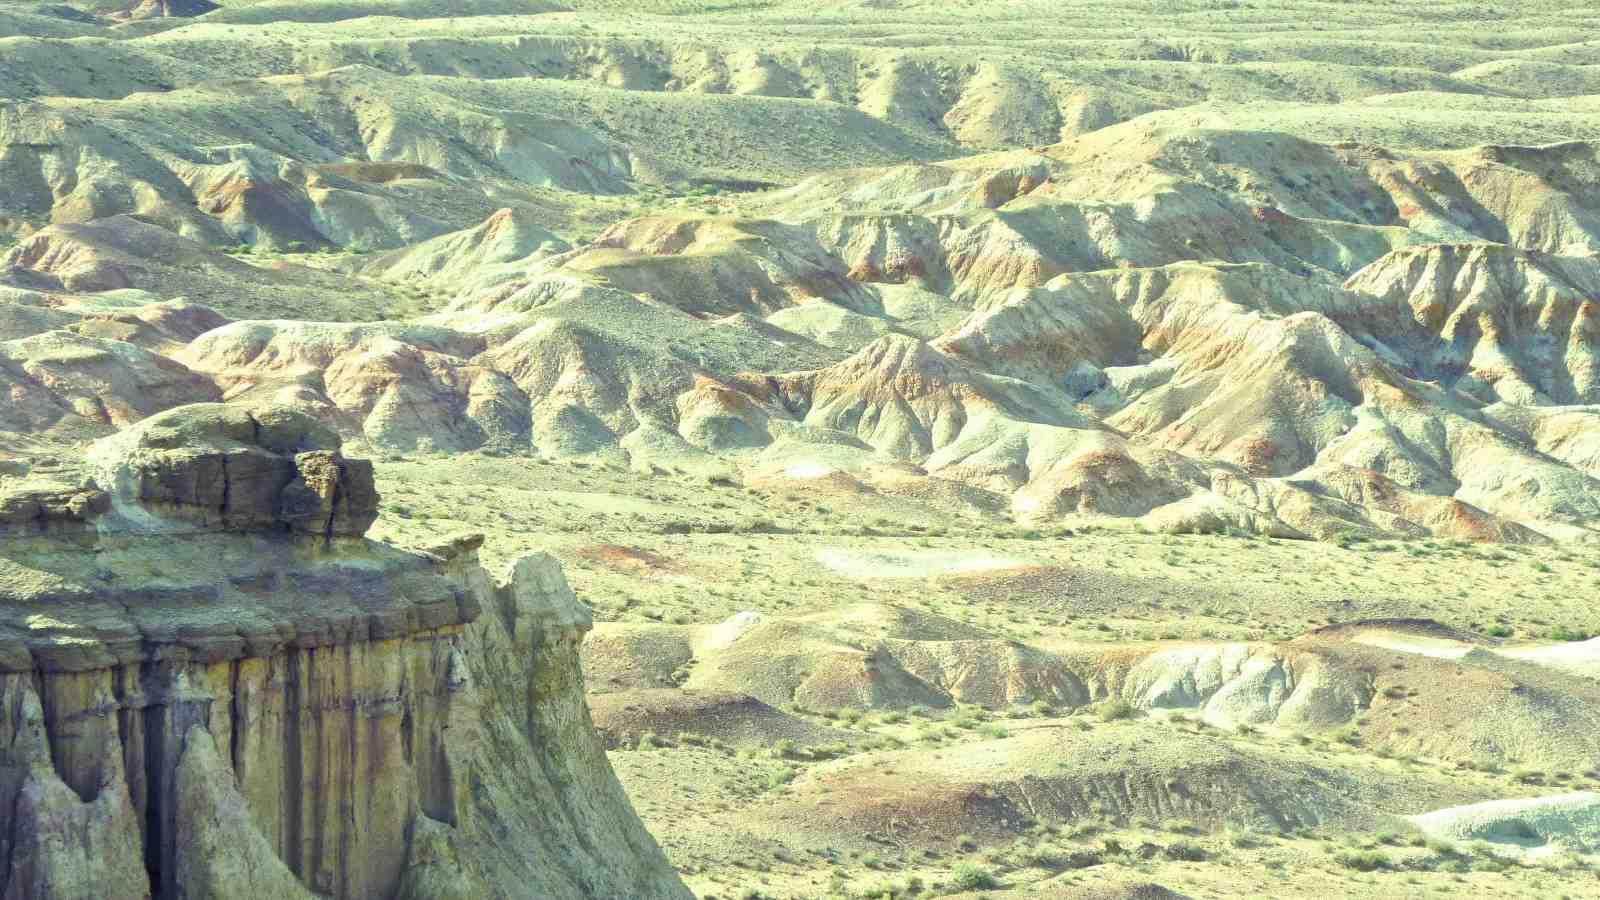 Tsagaan Suvraga Mongolian landscape